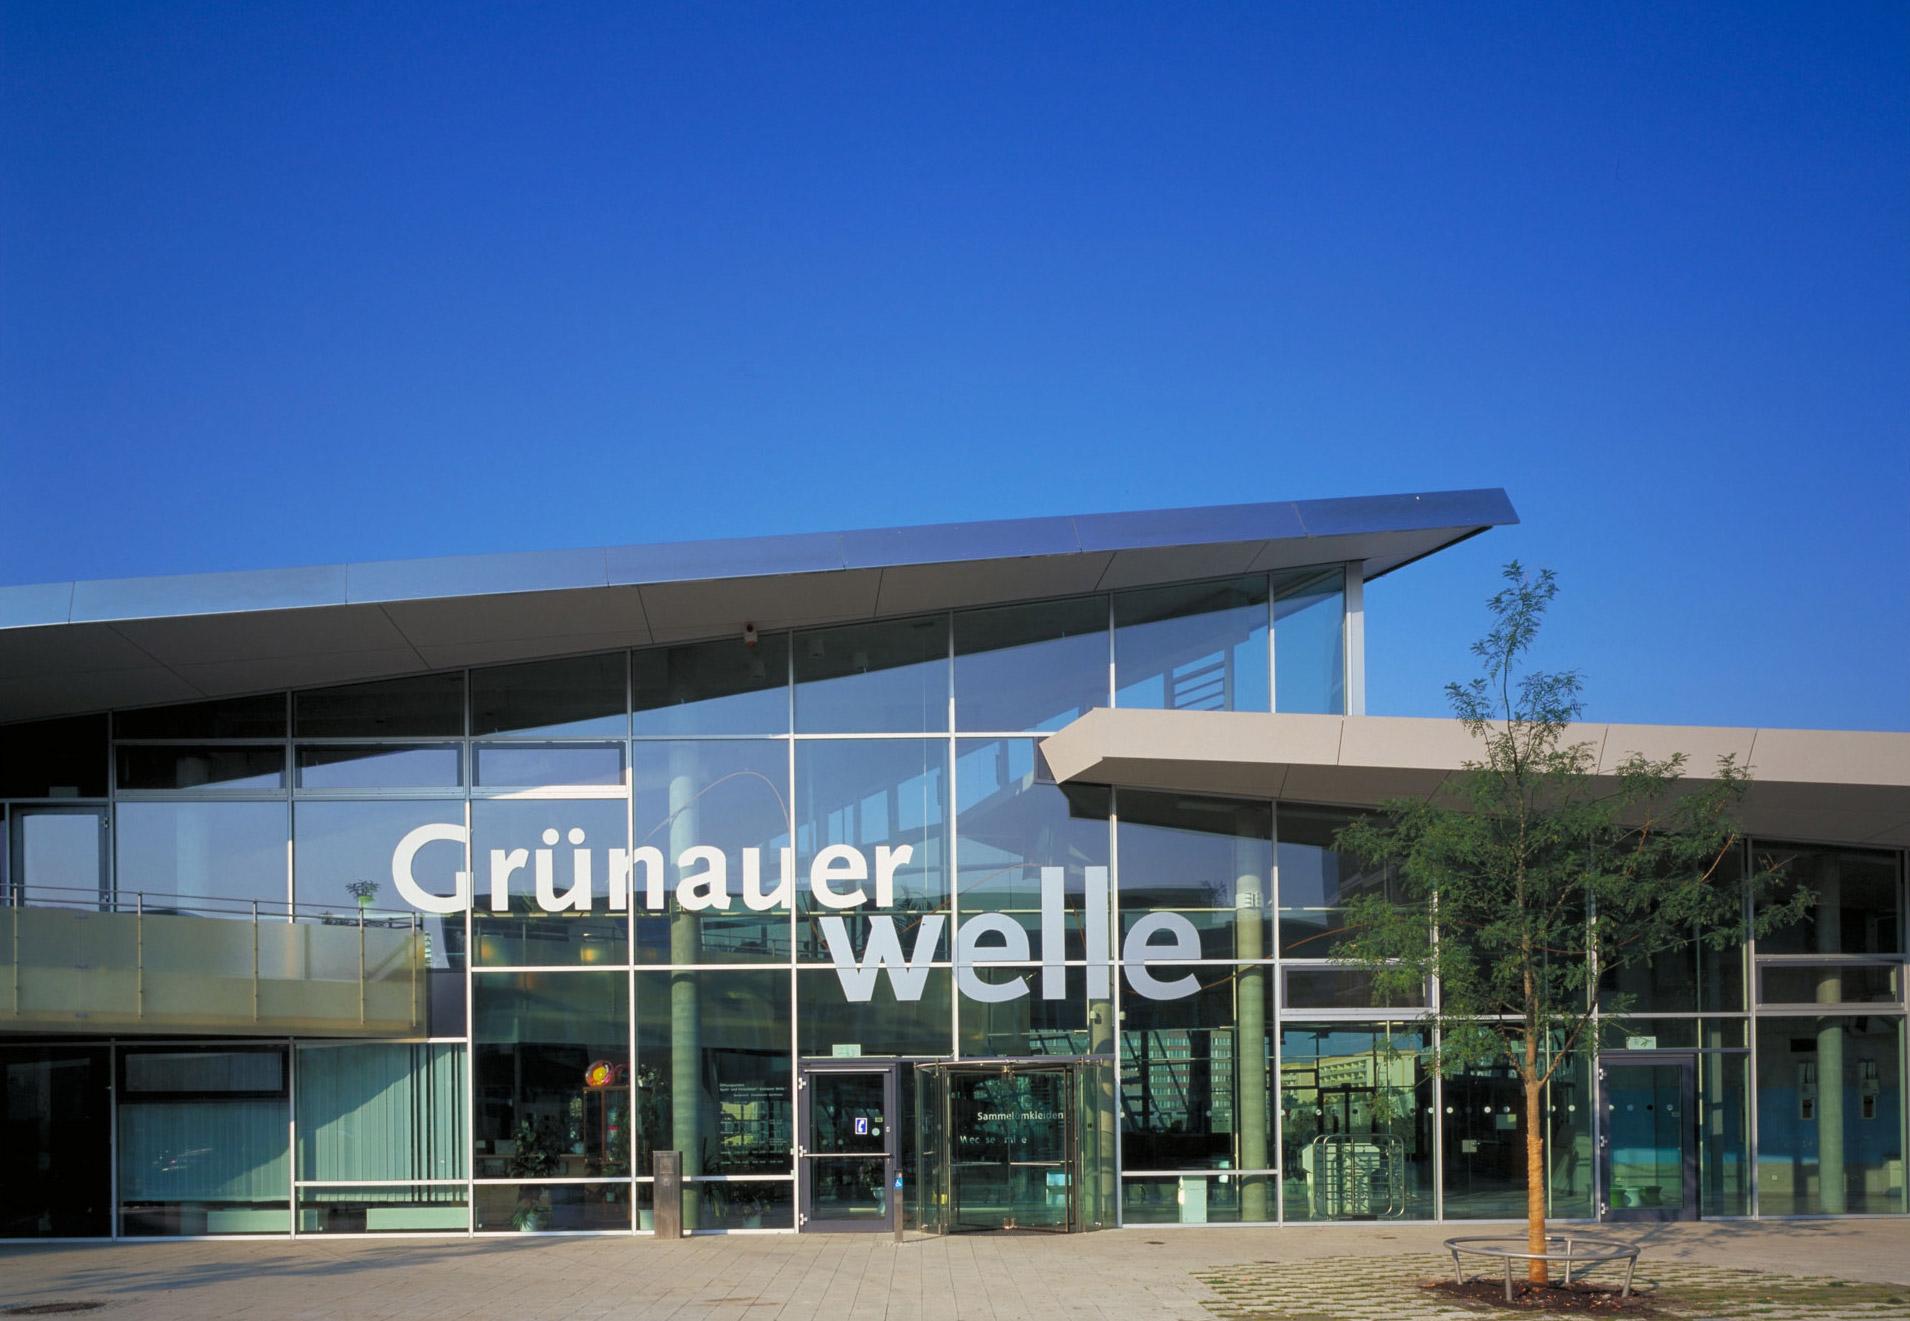 behnisch architekten swimming pool complex gr nauer welle. Black Bedroom Furniture Sets. Home Design Ideas